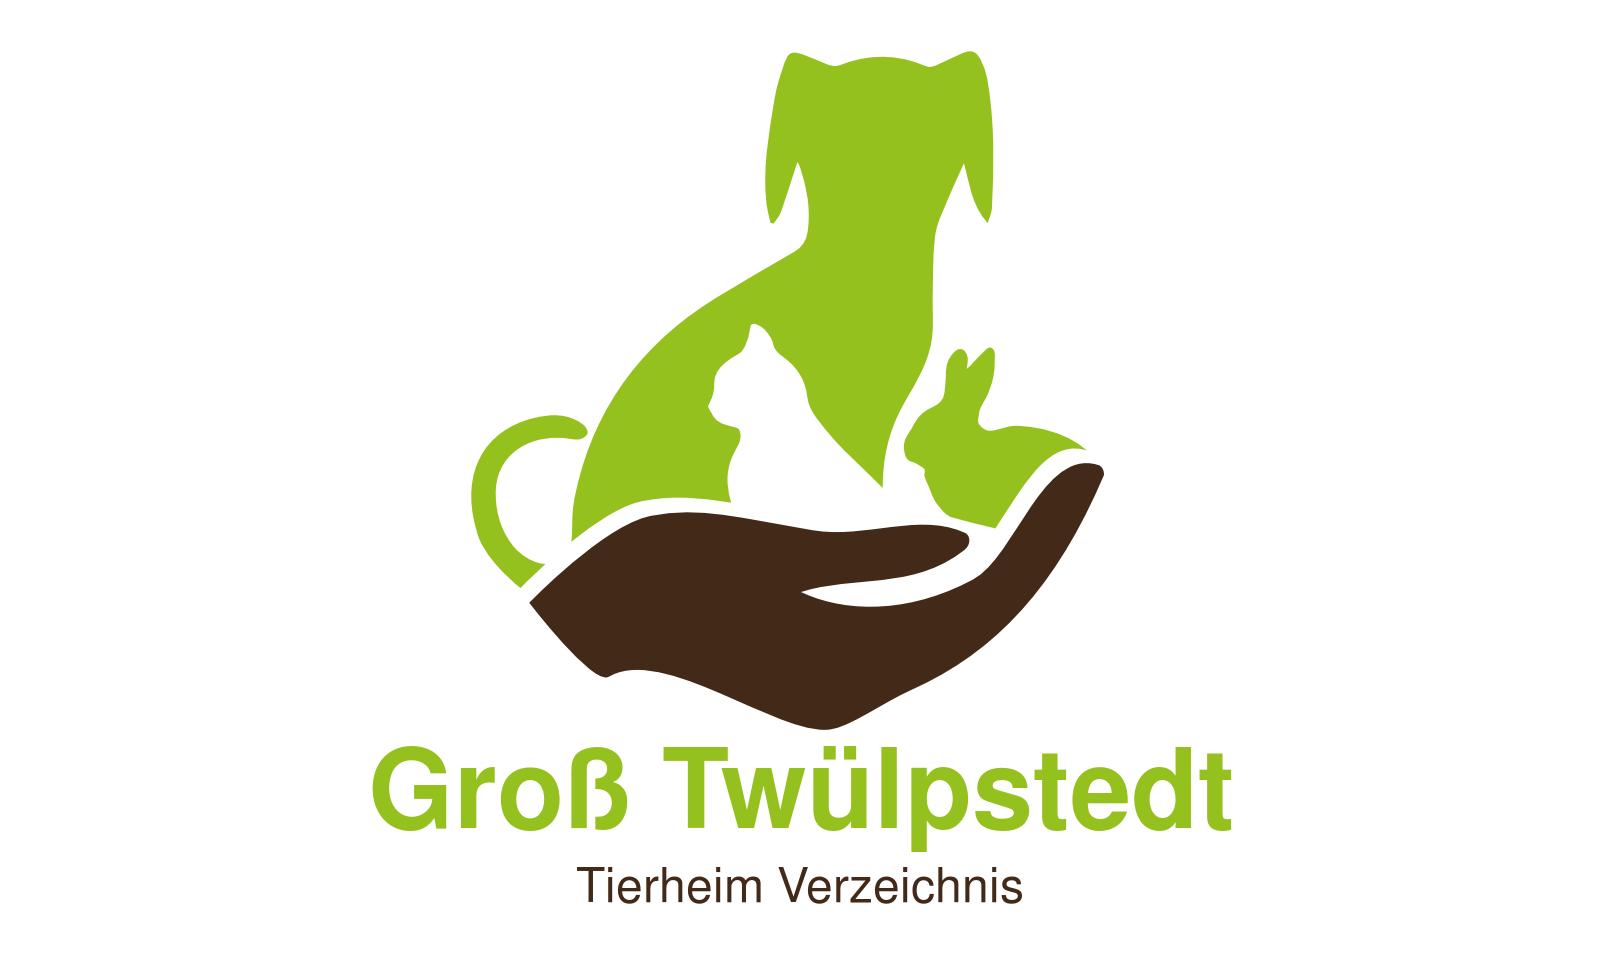 Tierheim Groß Twülpstedt